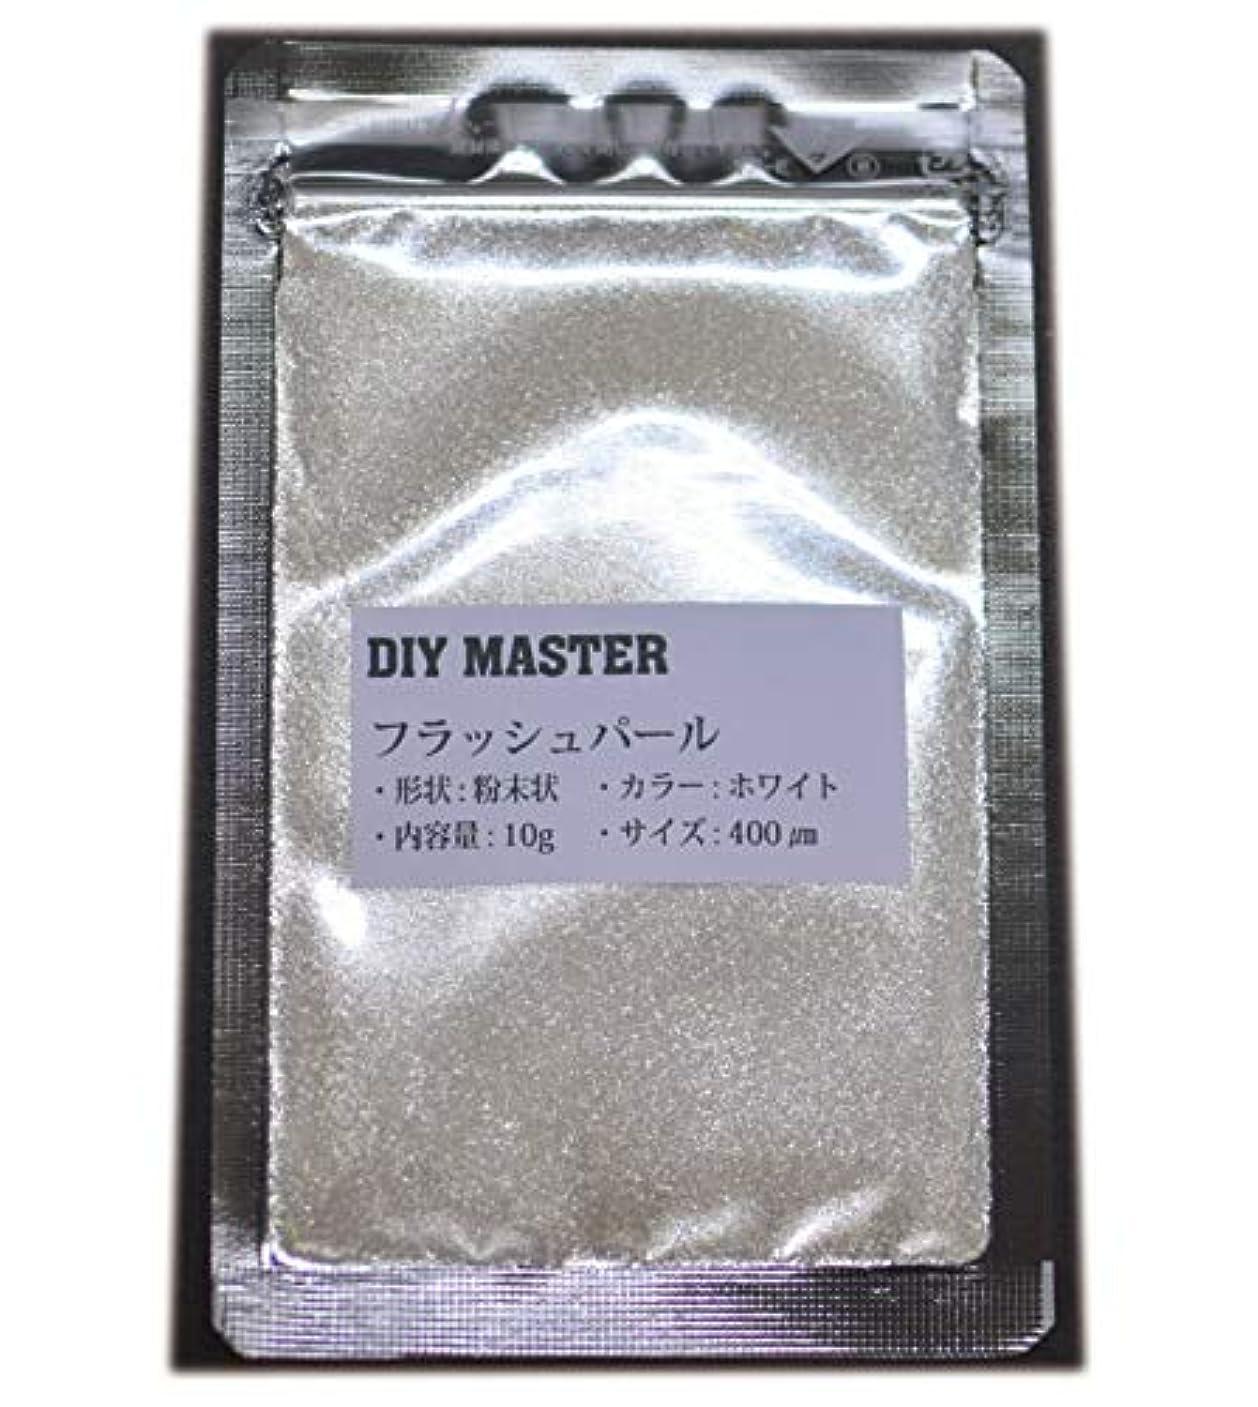 ゴミ乞食ゴージャスDIY MASTER フラッシュパール ホワイト 10g (極粗目、ドライ)